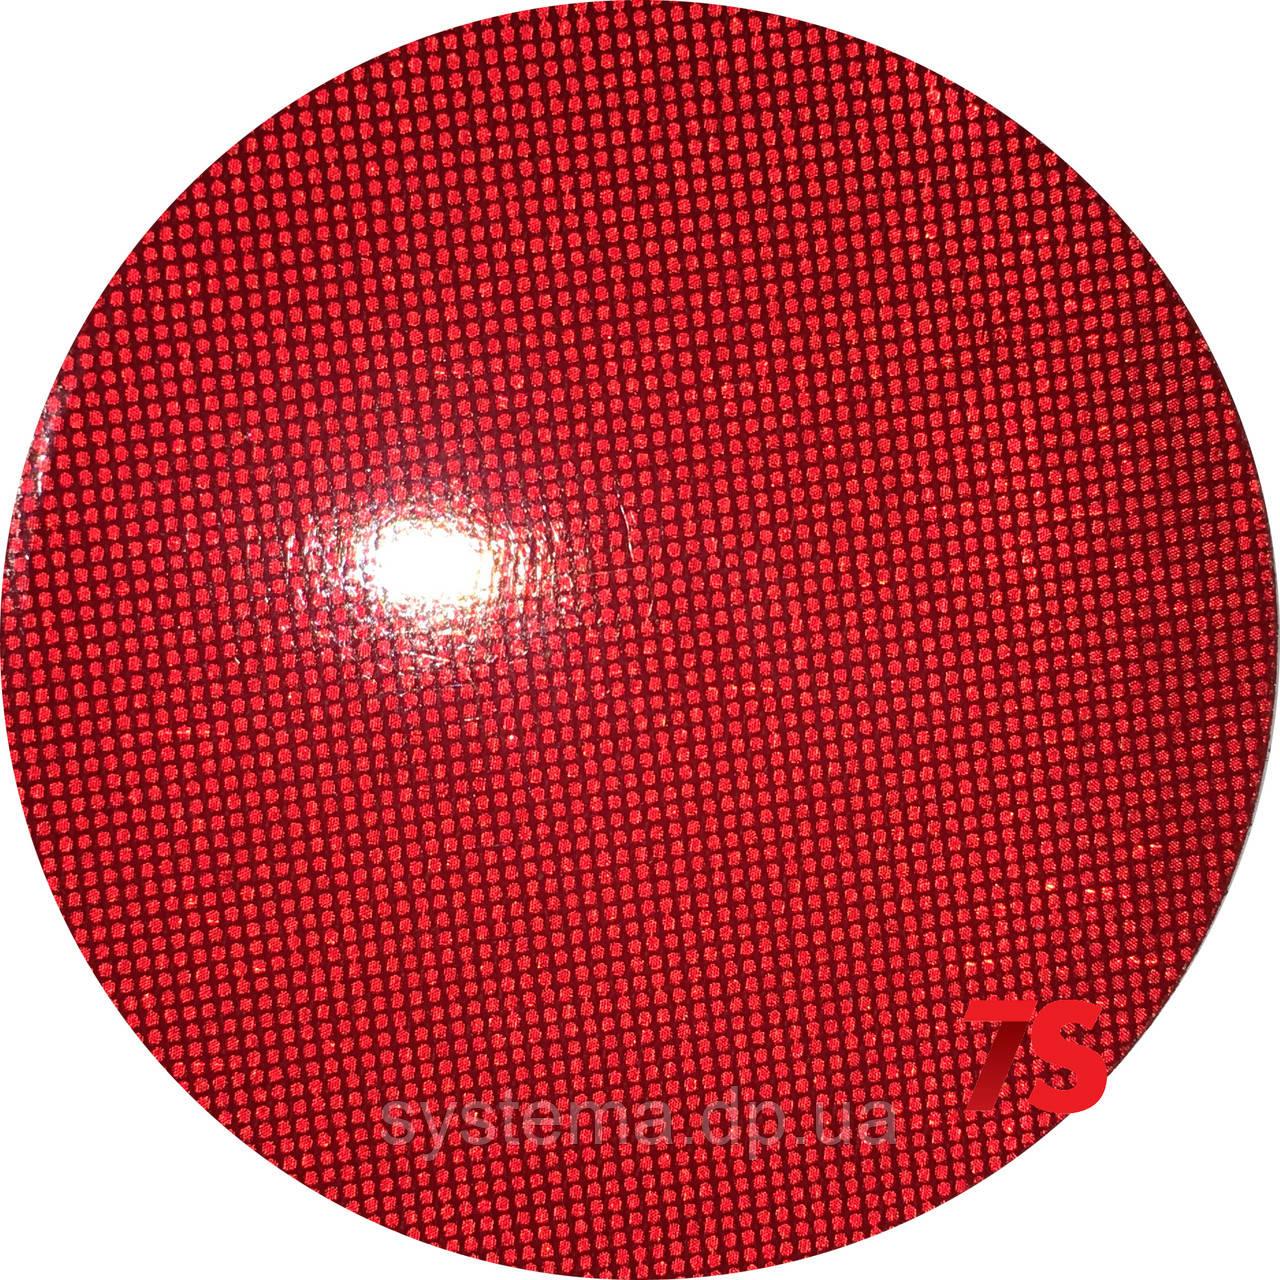 Катафот (отражатель) с оптической системой из микропризм на самоклейке круглый д. 50 мм, красный